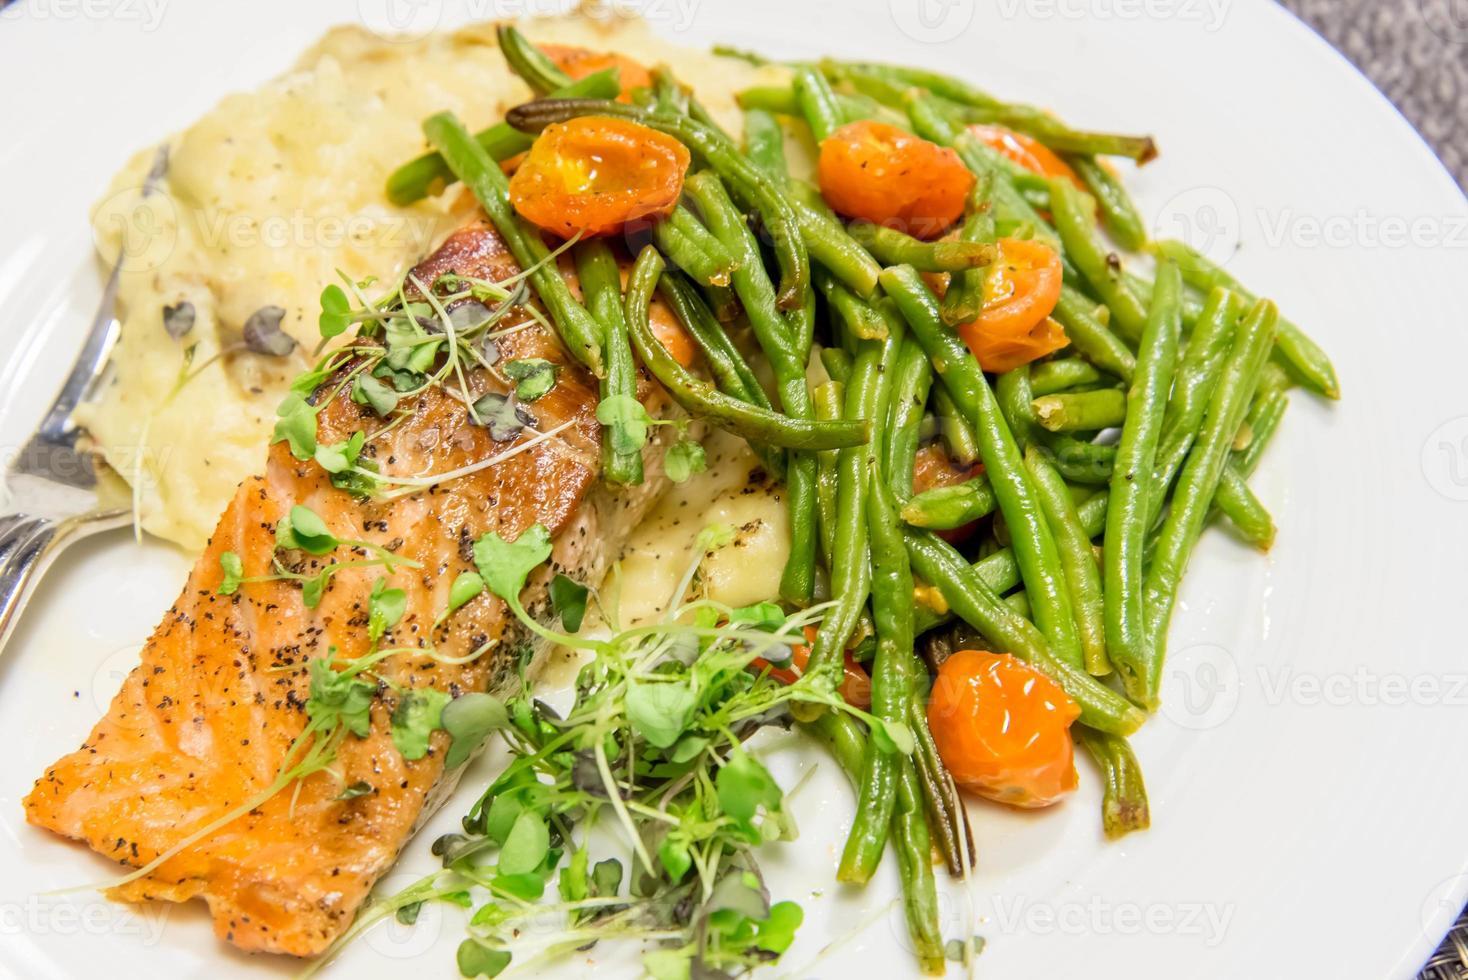 jantar nutritivo de salmão com feijão verde e tomate foto